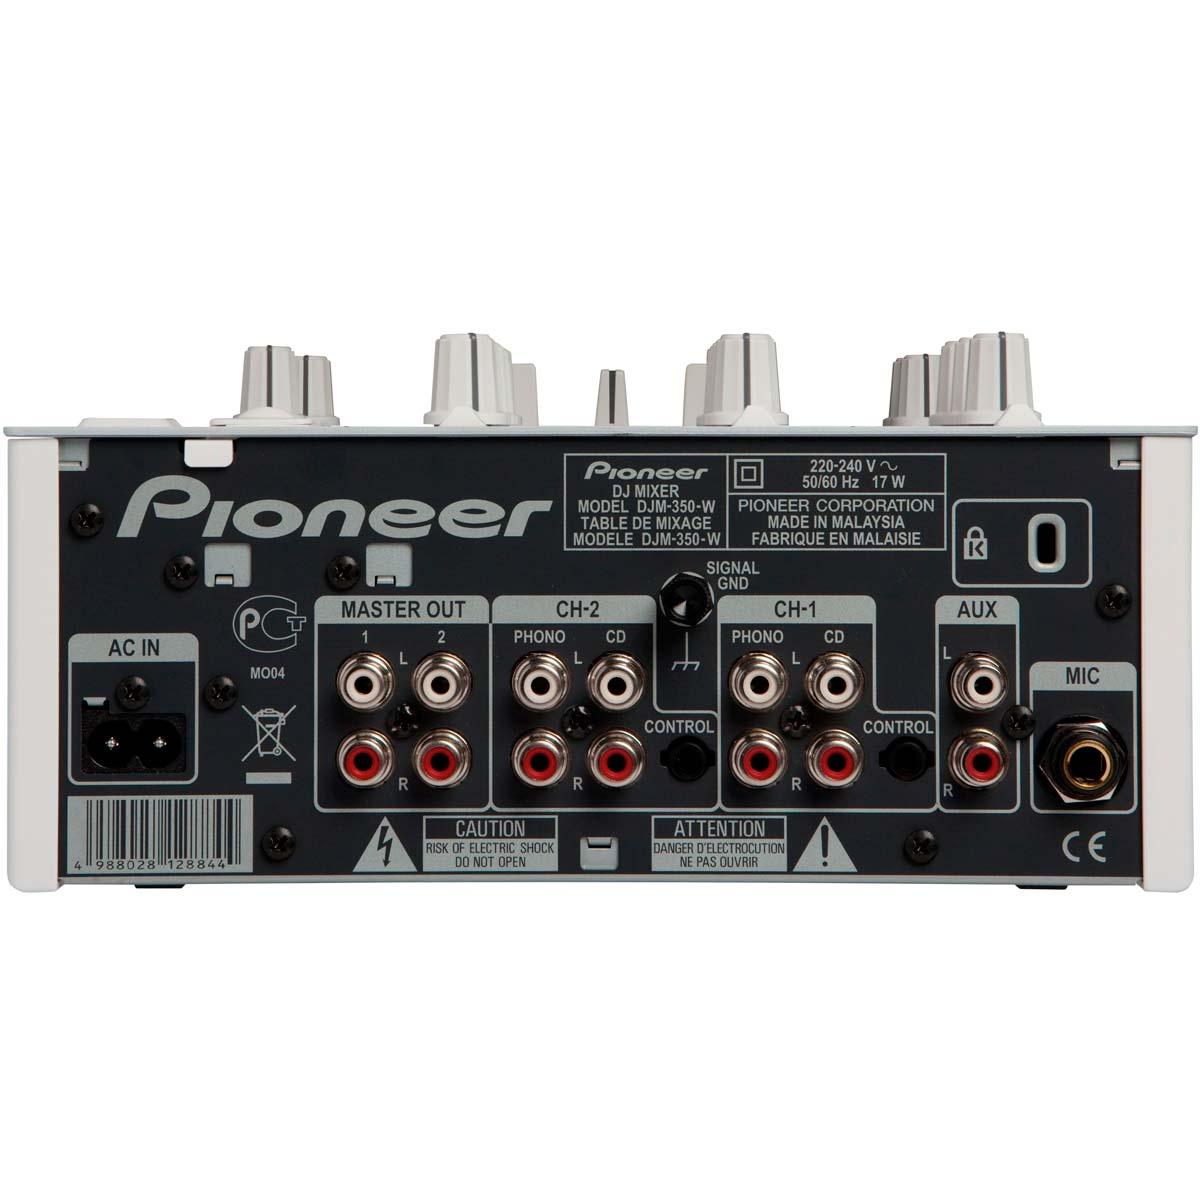 DJM350 - Mixer DJ 2 Canais c/ USB DJM 350 Branco - Pioneer